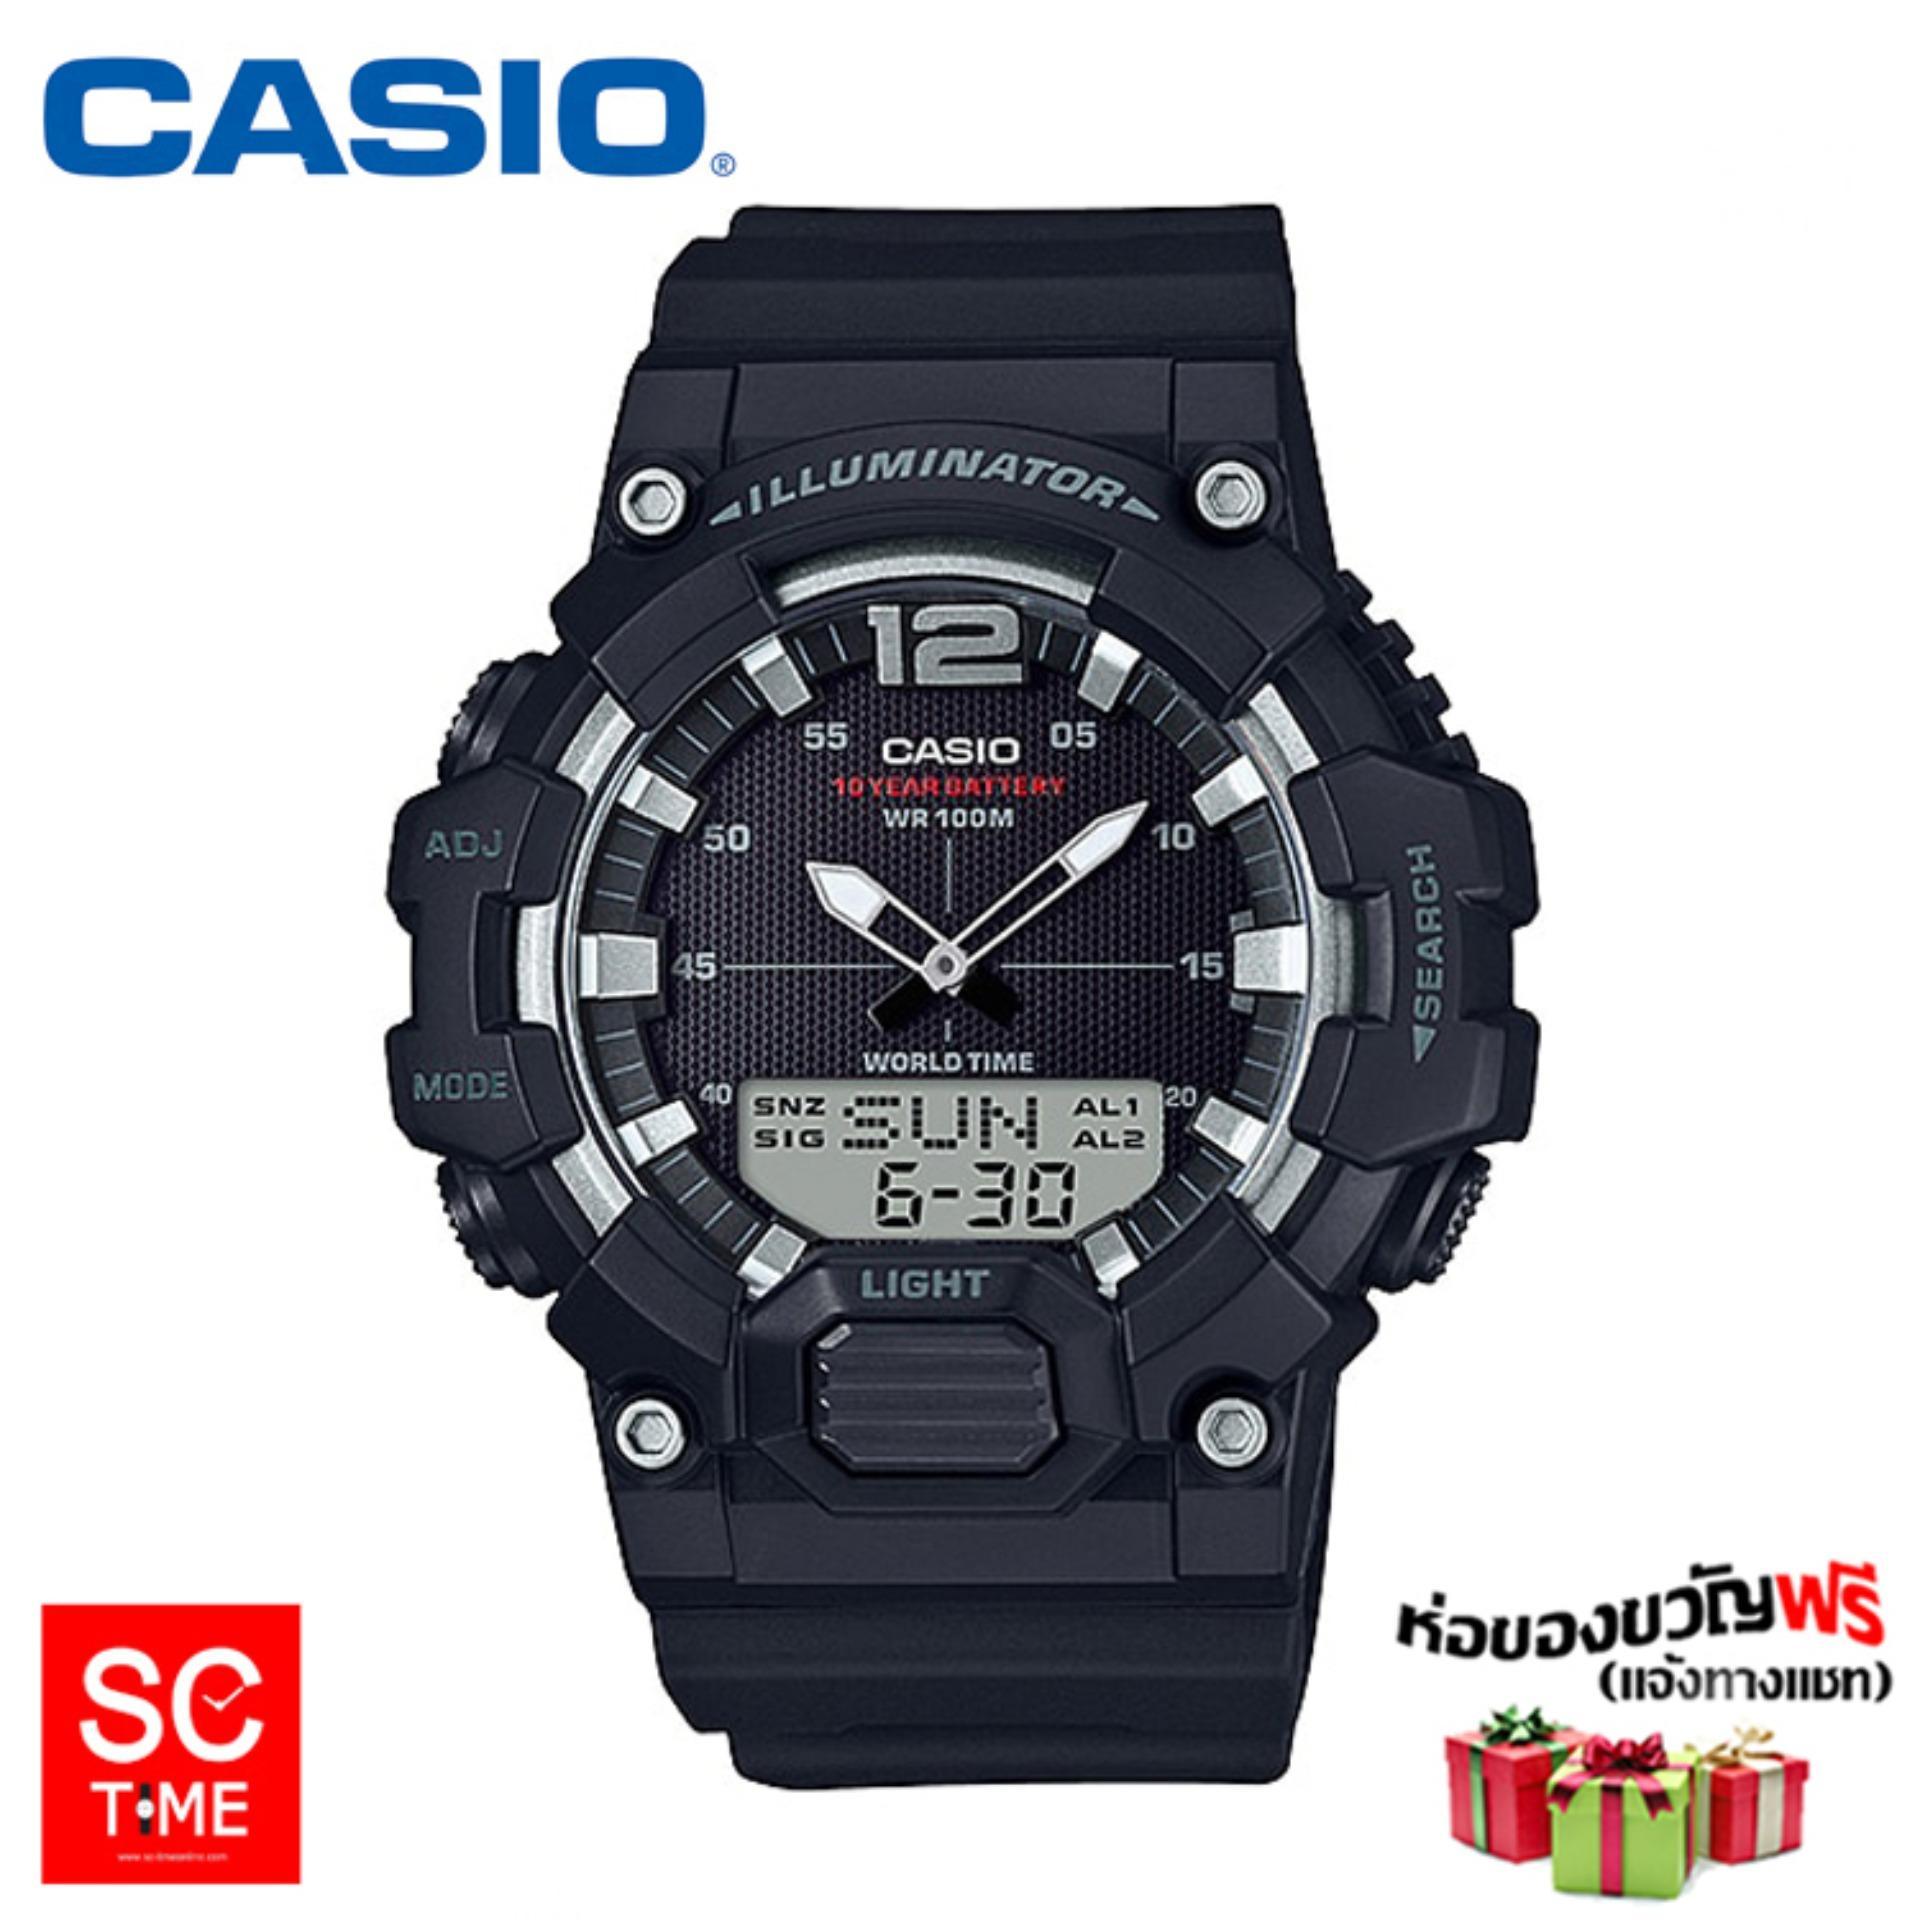 casio แท้ % นาฬิกาข้อมือชาย  รุ่น HDC-700-1AVDF (สินค้าใหม่ ของแท้ % มีใบรับประกัน)